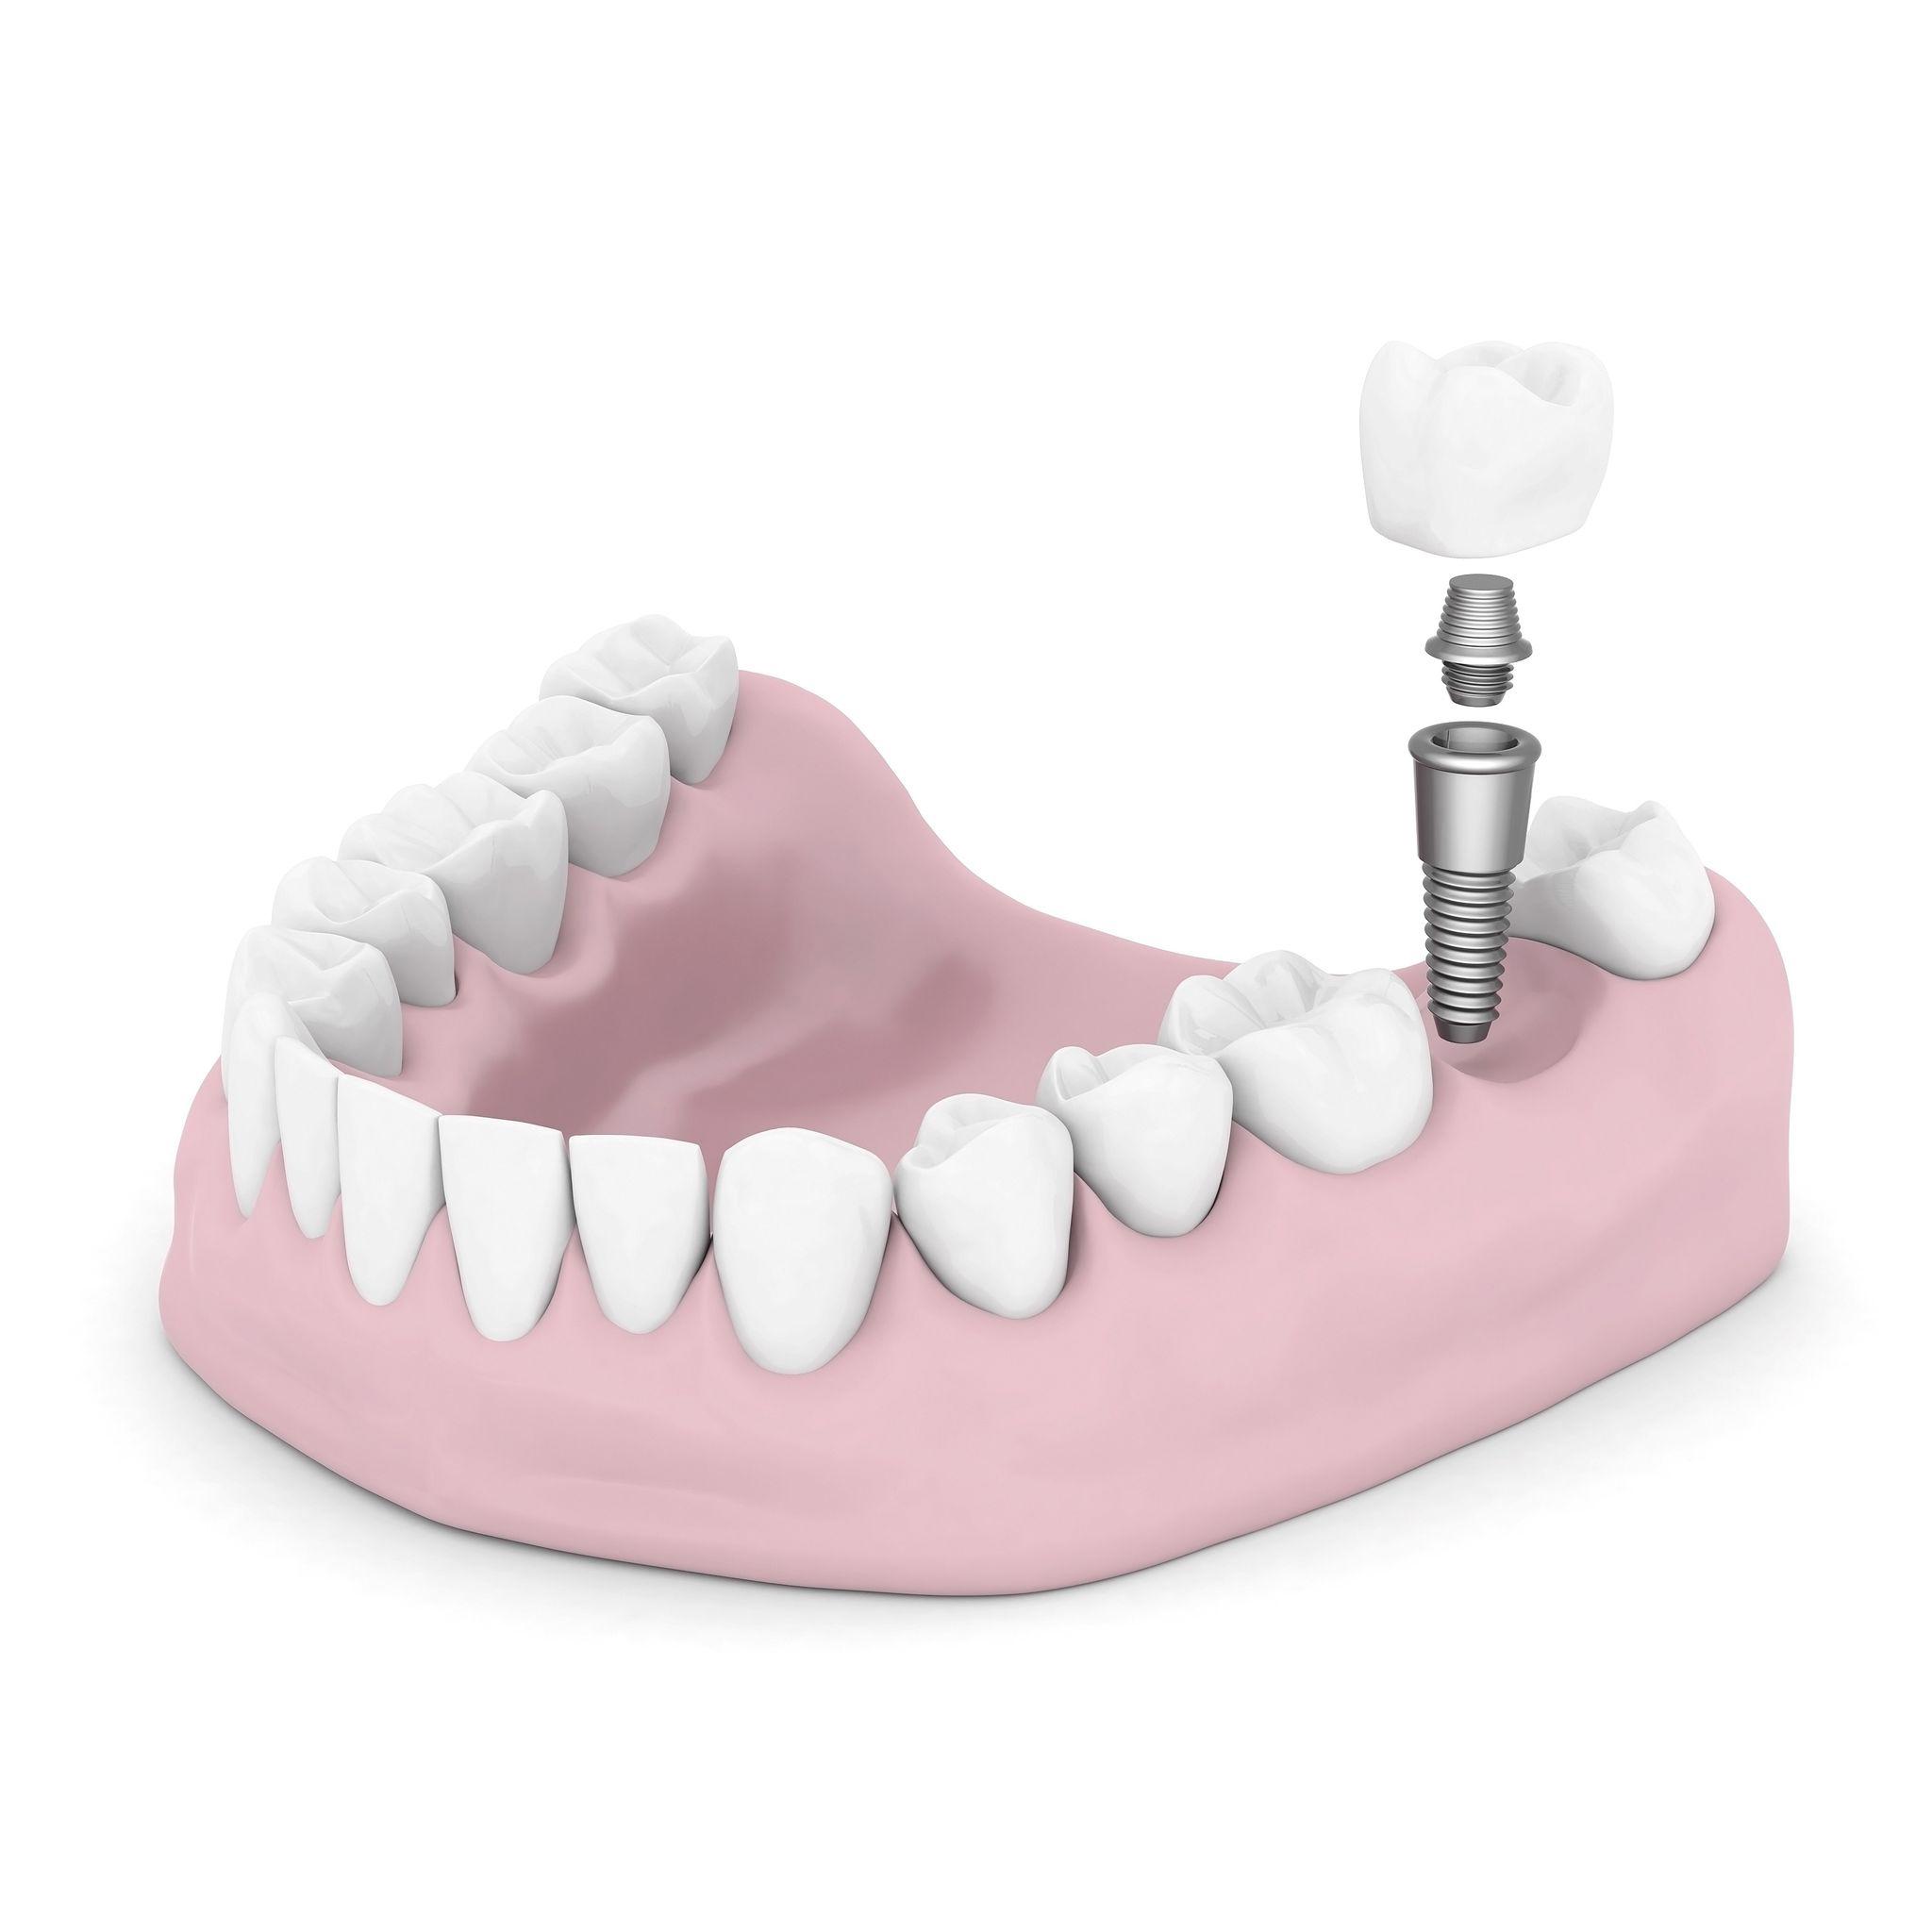 Alpharetta Dental Implants